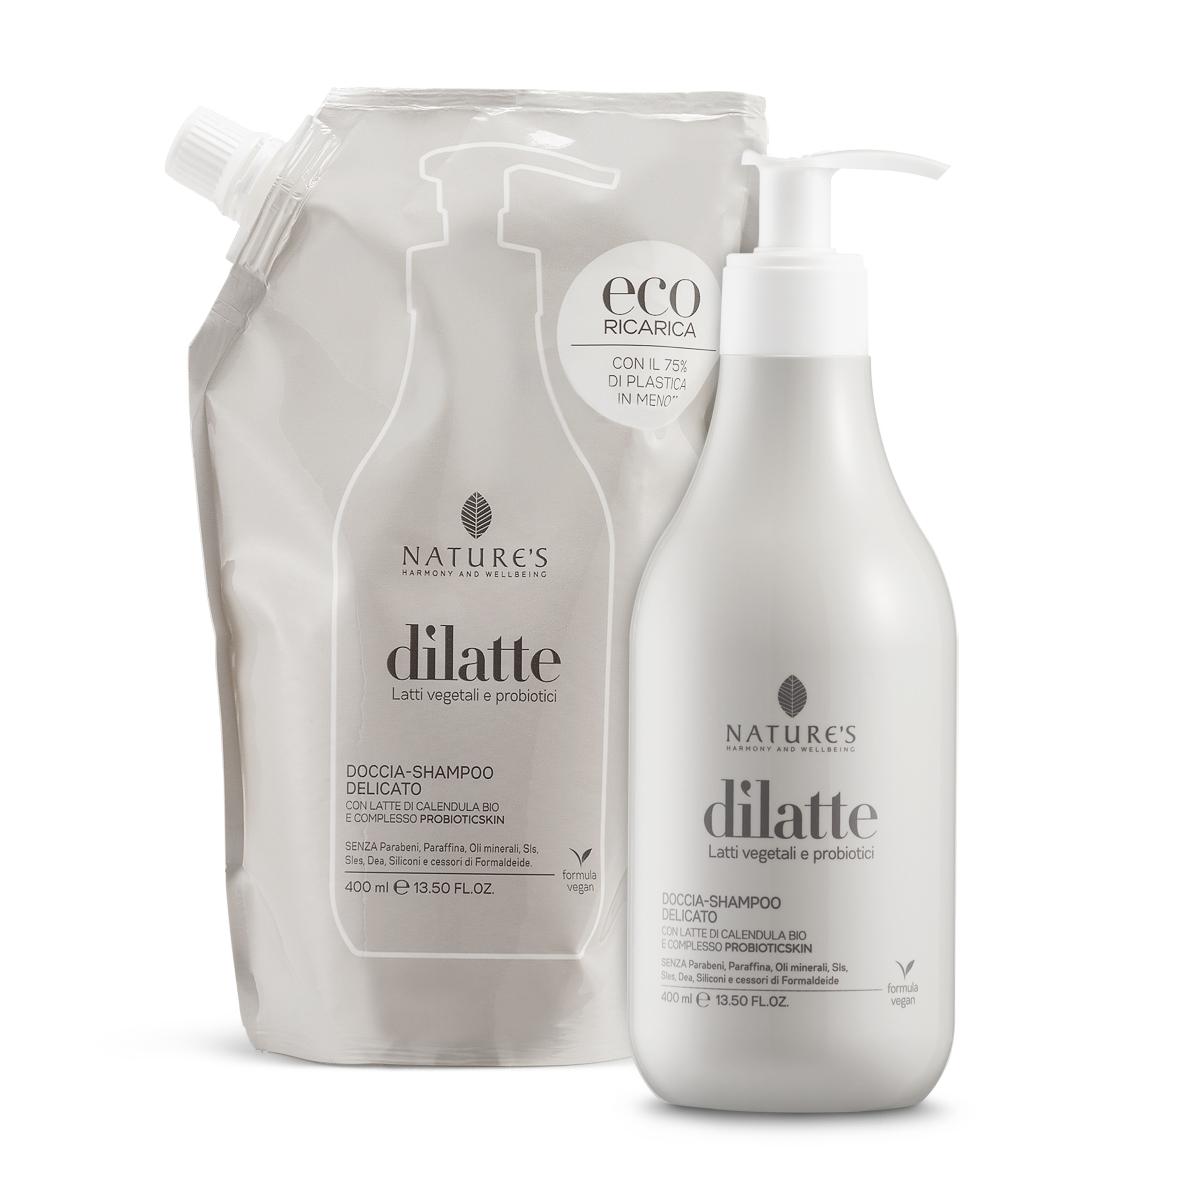 Vendita Line Nature S Dilatte Doccia Shampoo Delicato